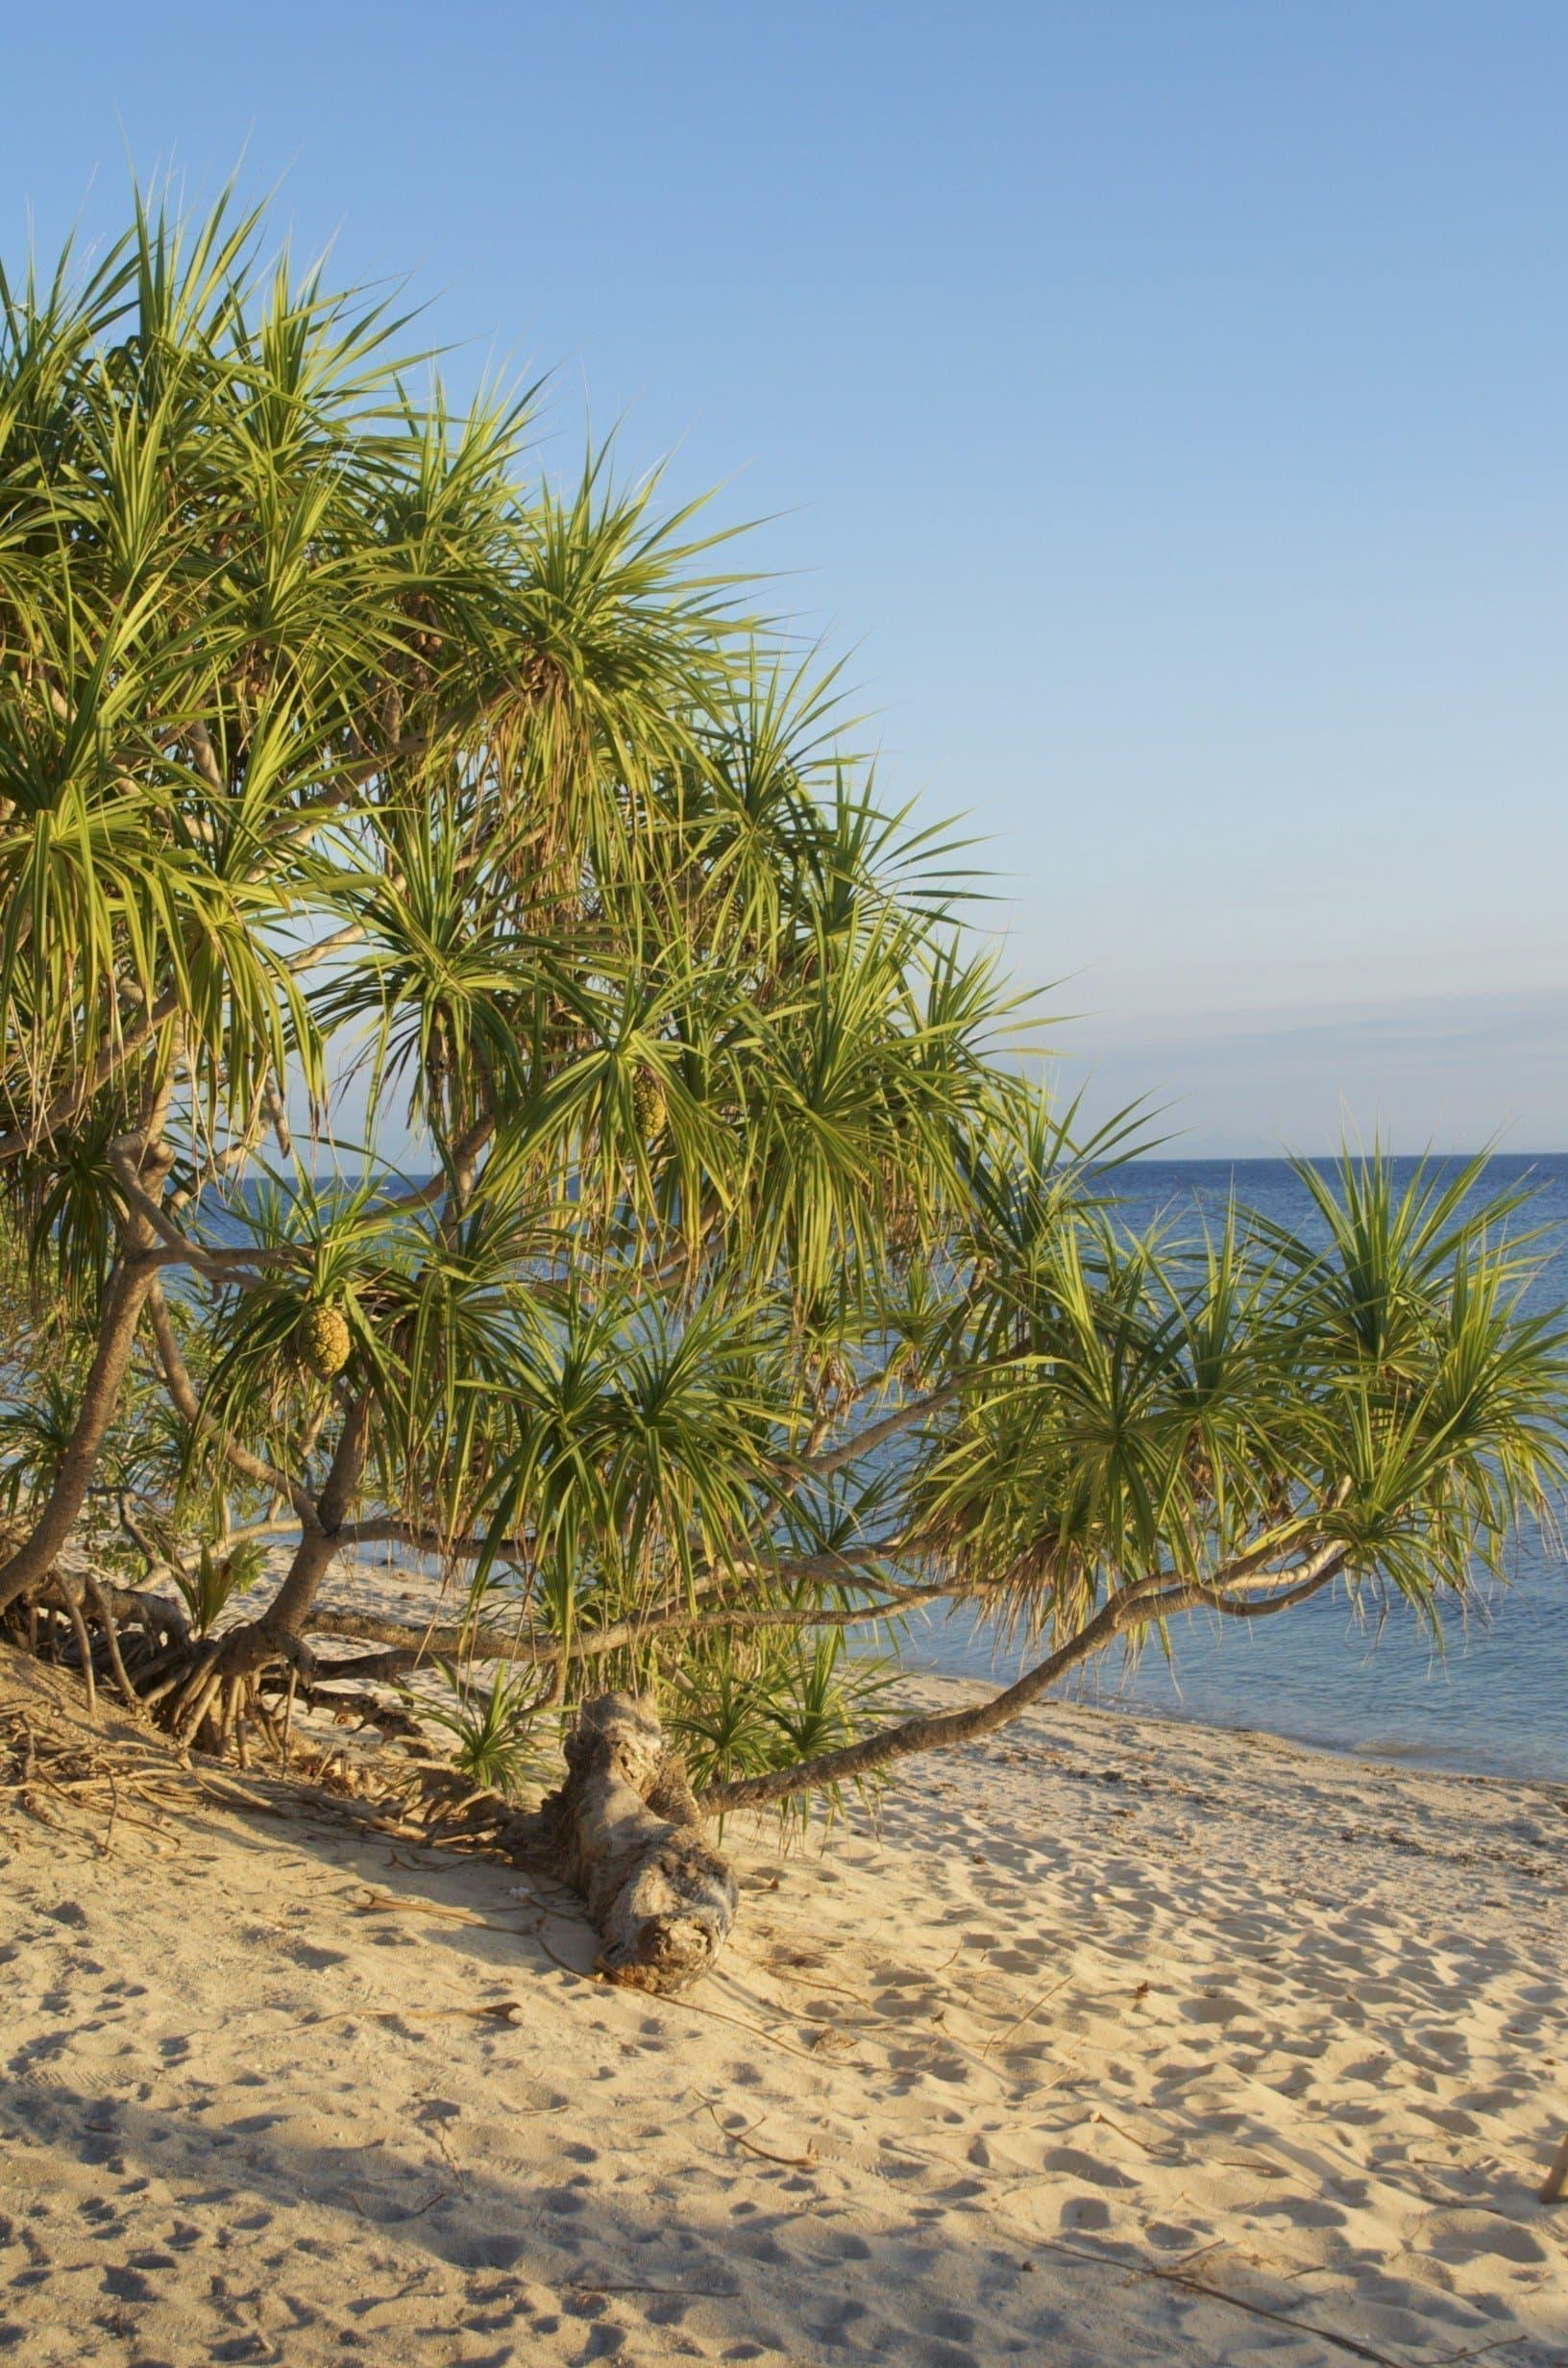 Strand des Coco Groove Beach Resorts auf Siquijor